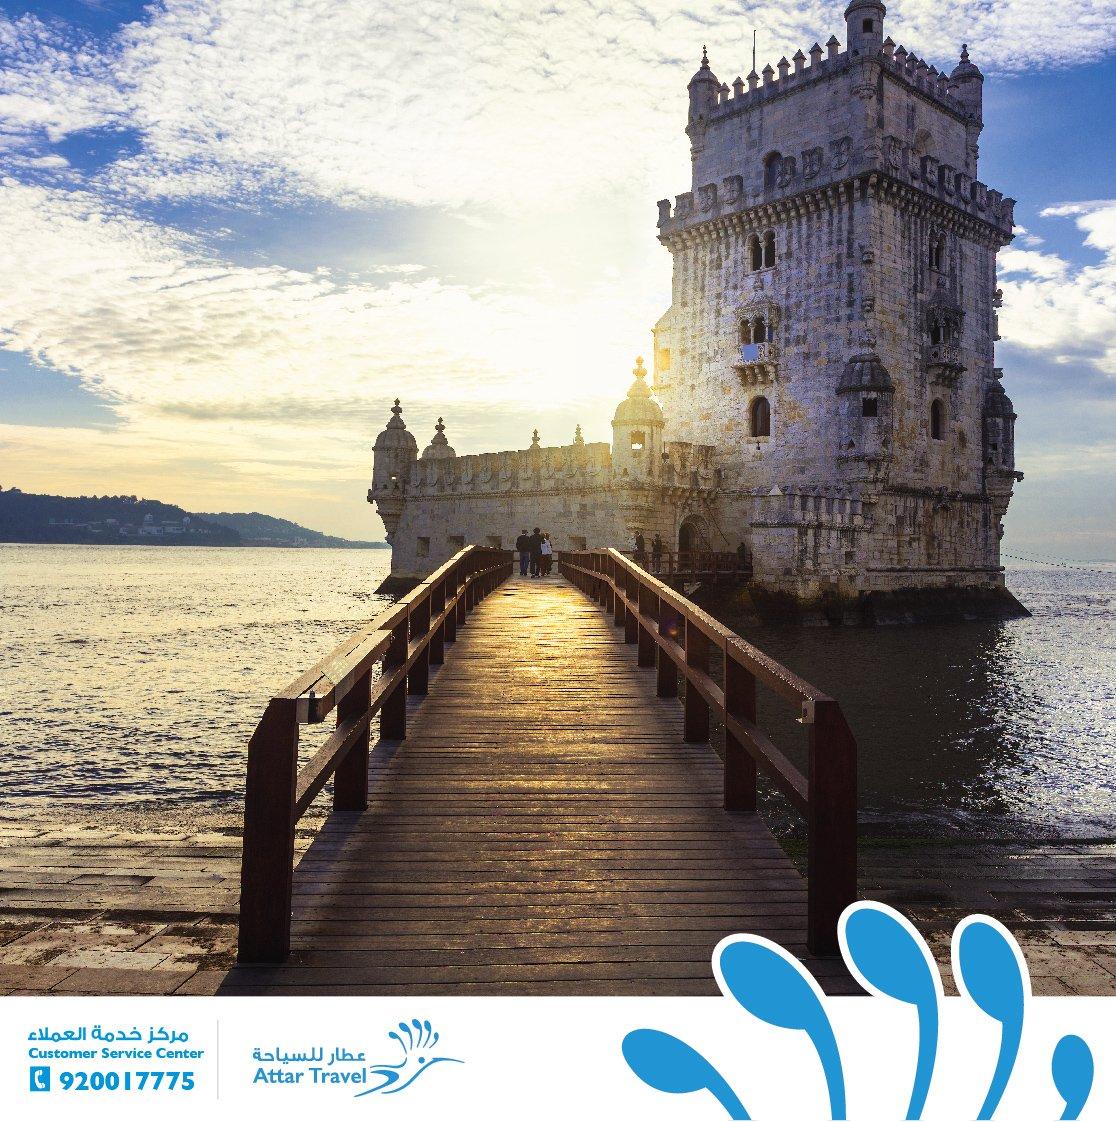 برج تاريخي محصن من أشهر المعالم السياحية في لشبونة ، يقع في أبرشية سانتا ماريا دي بيليم في بلدية لشبونة ، ويستقبل مئات الالاف من السائحين سنويا #البرتغال #عطار_للسياحة https://t.co/2Mb6R7TR9L